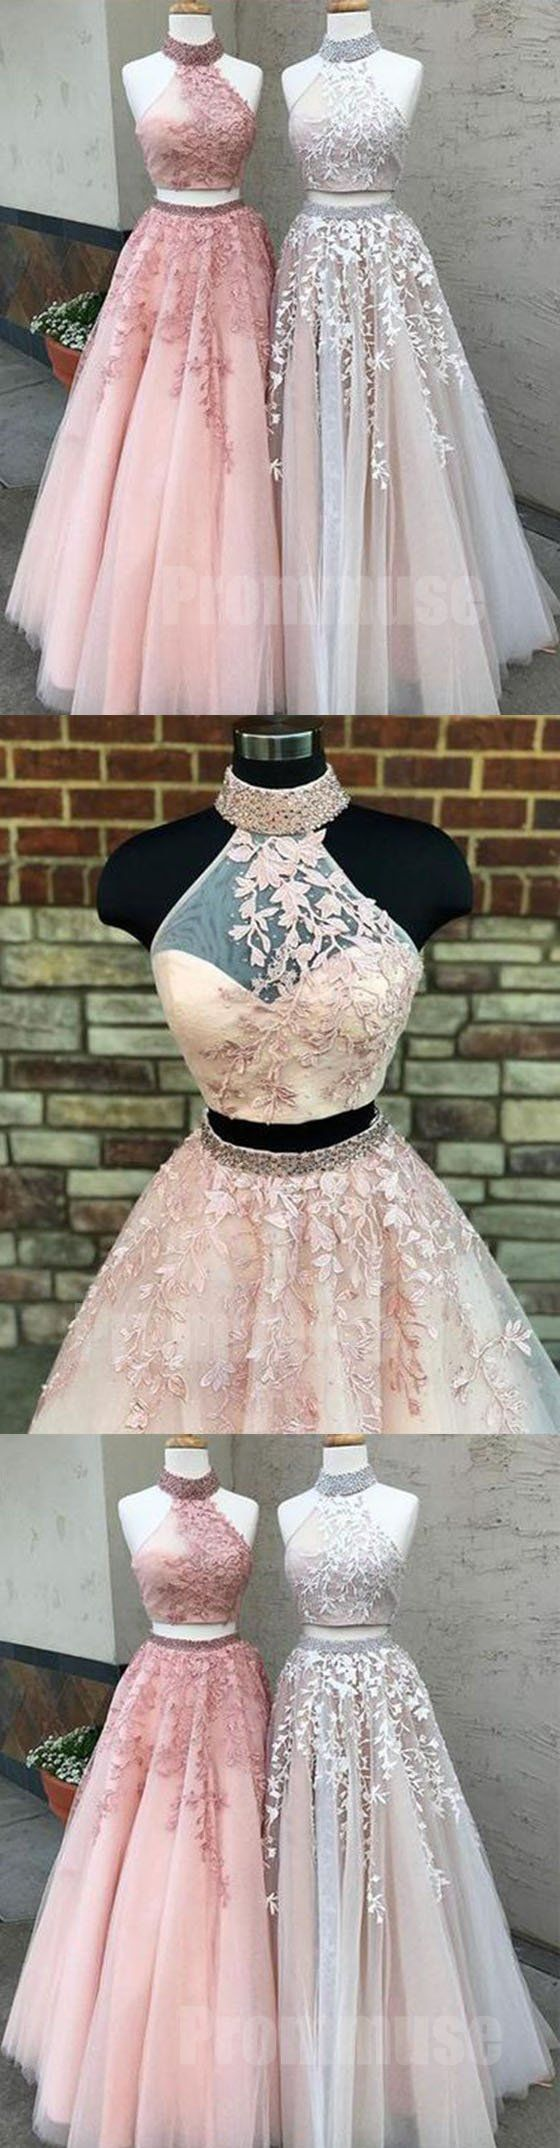 Zwei Stücke Halfter Tüll Applique Abend lange Ballkleider, PM1003 Das Kleid ist